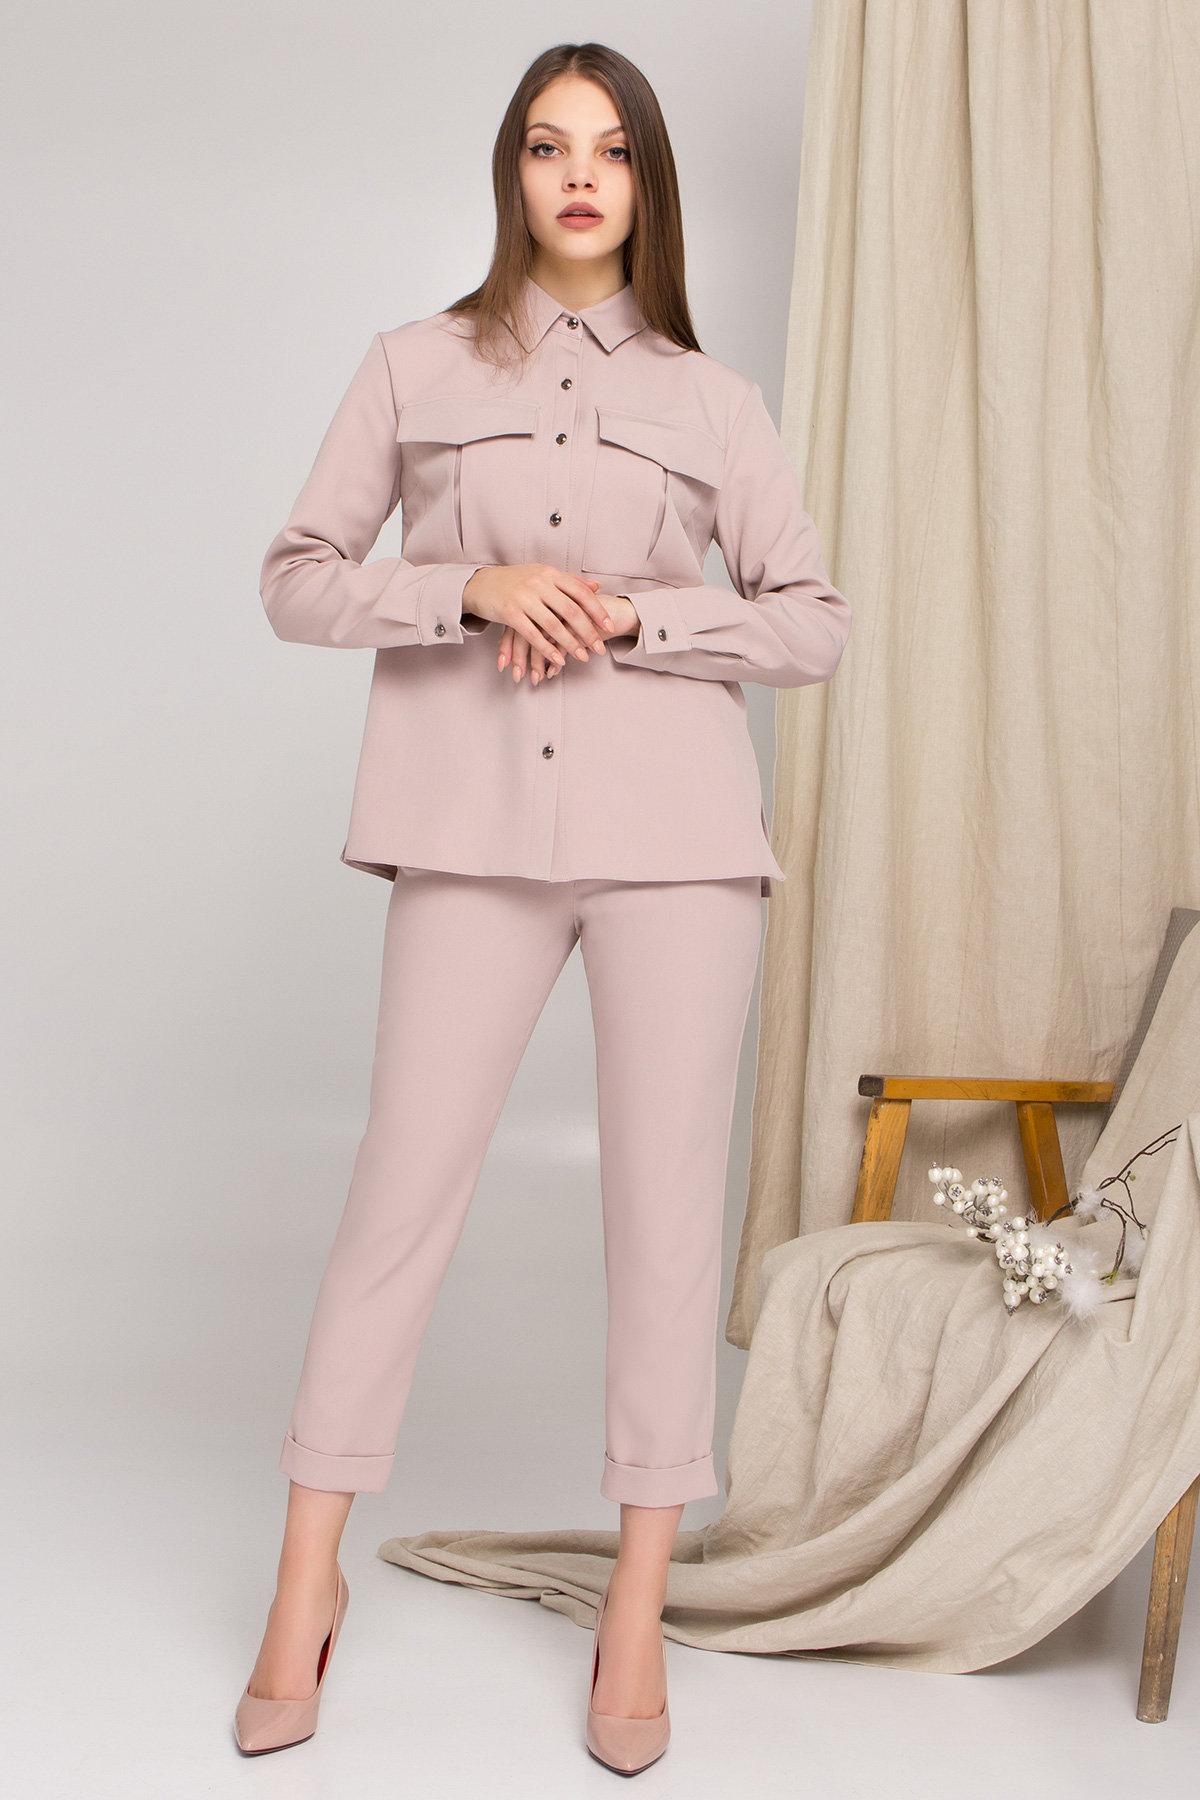 Оптом женские костюмы от Modus Костюм Селви 8931